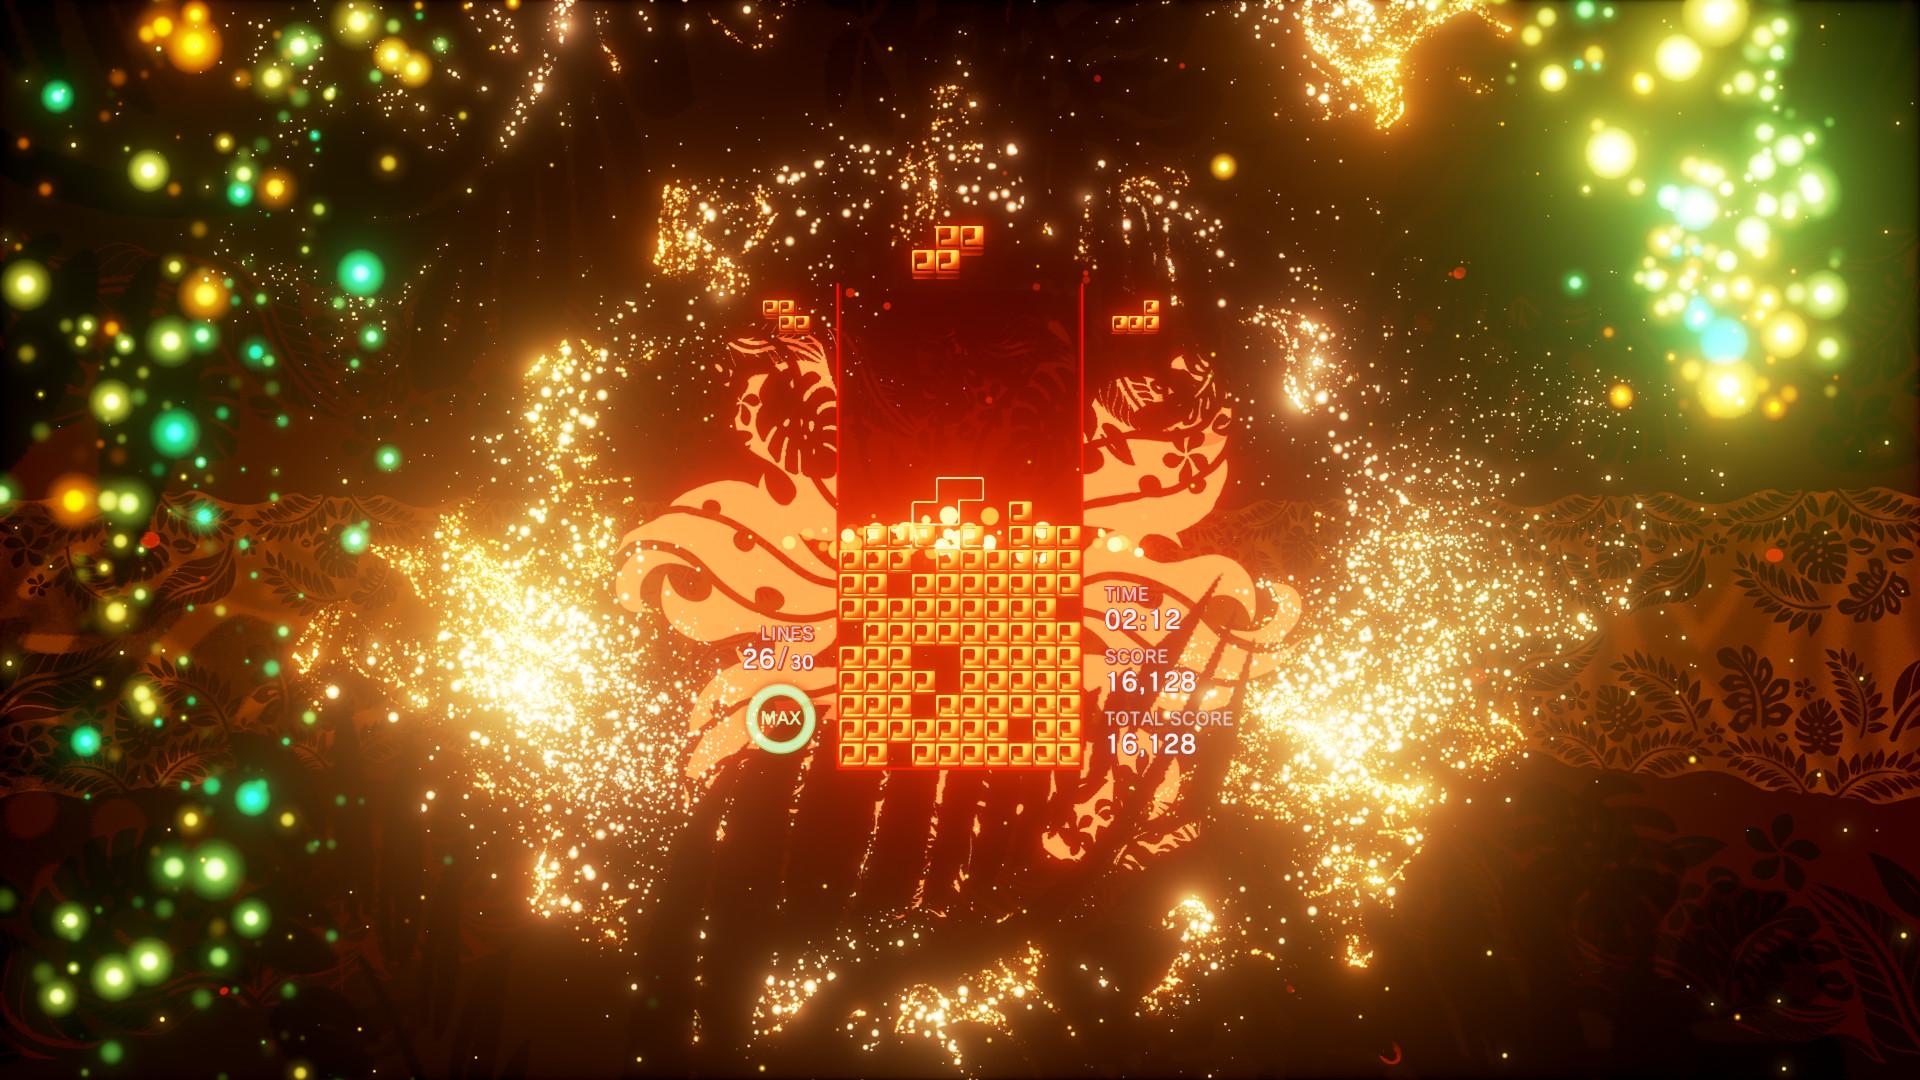 Os blocos de 'Tetris' vão ganhar vida com o novo jogo da PlayStation 4